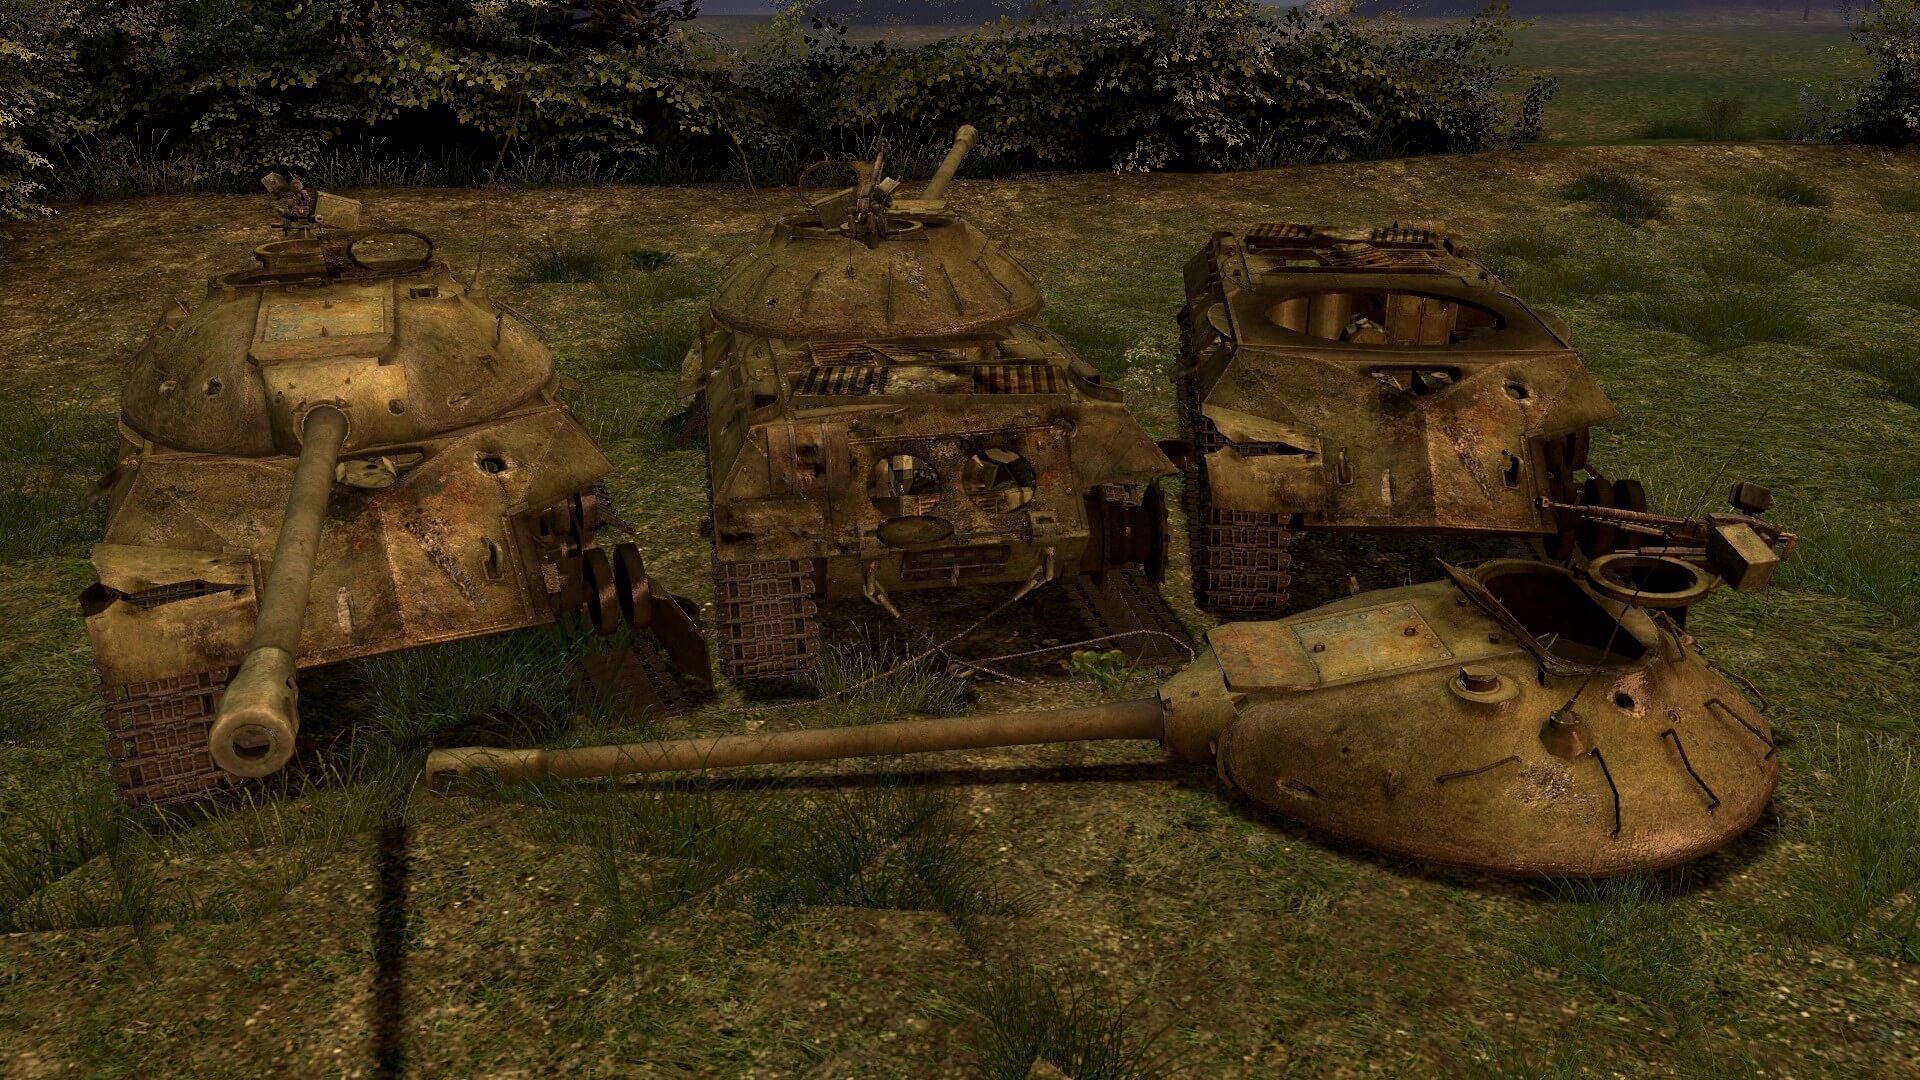 сообщалось, что качка ру фото танк левика них заботы